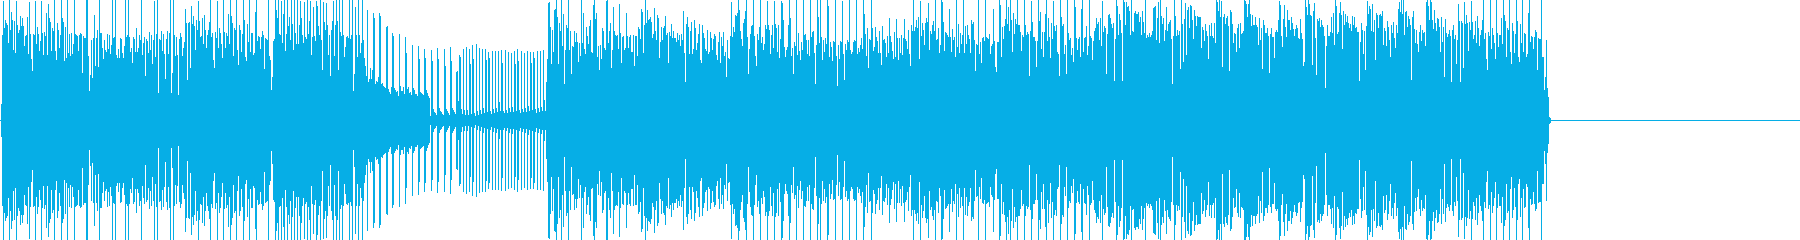 レトロゲームなチップチューンジングル8の再生済みの波形